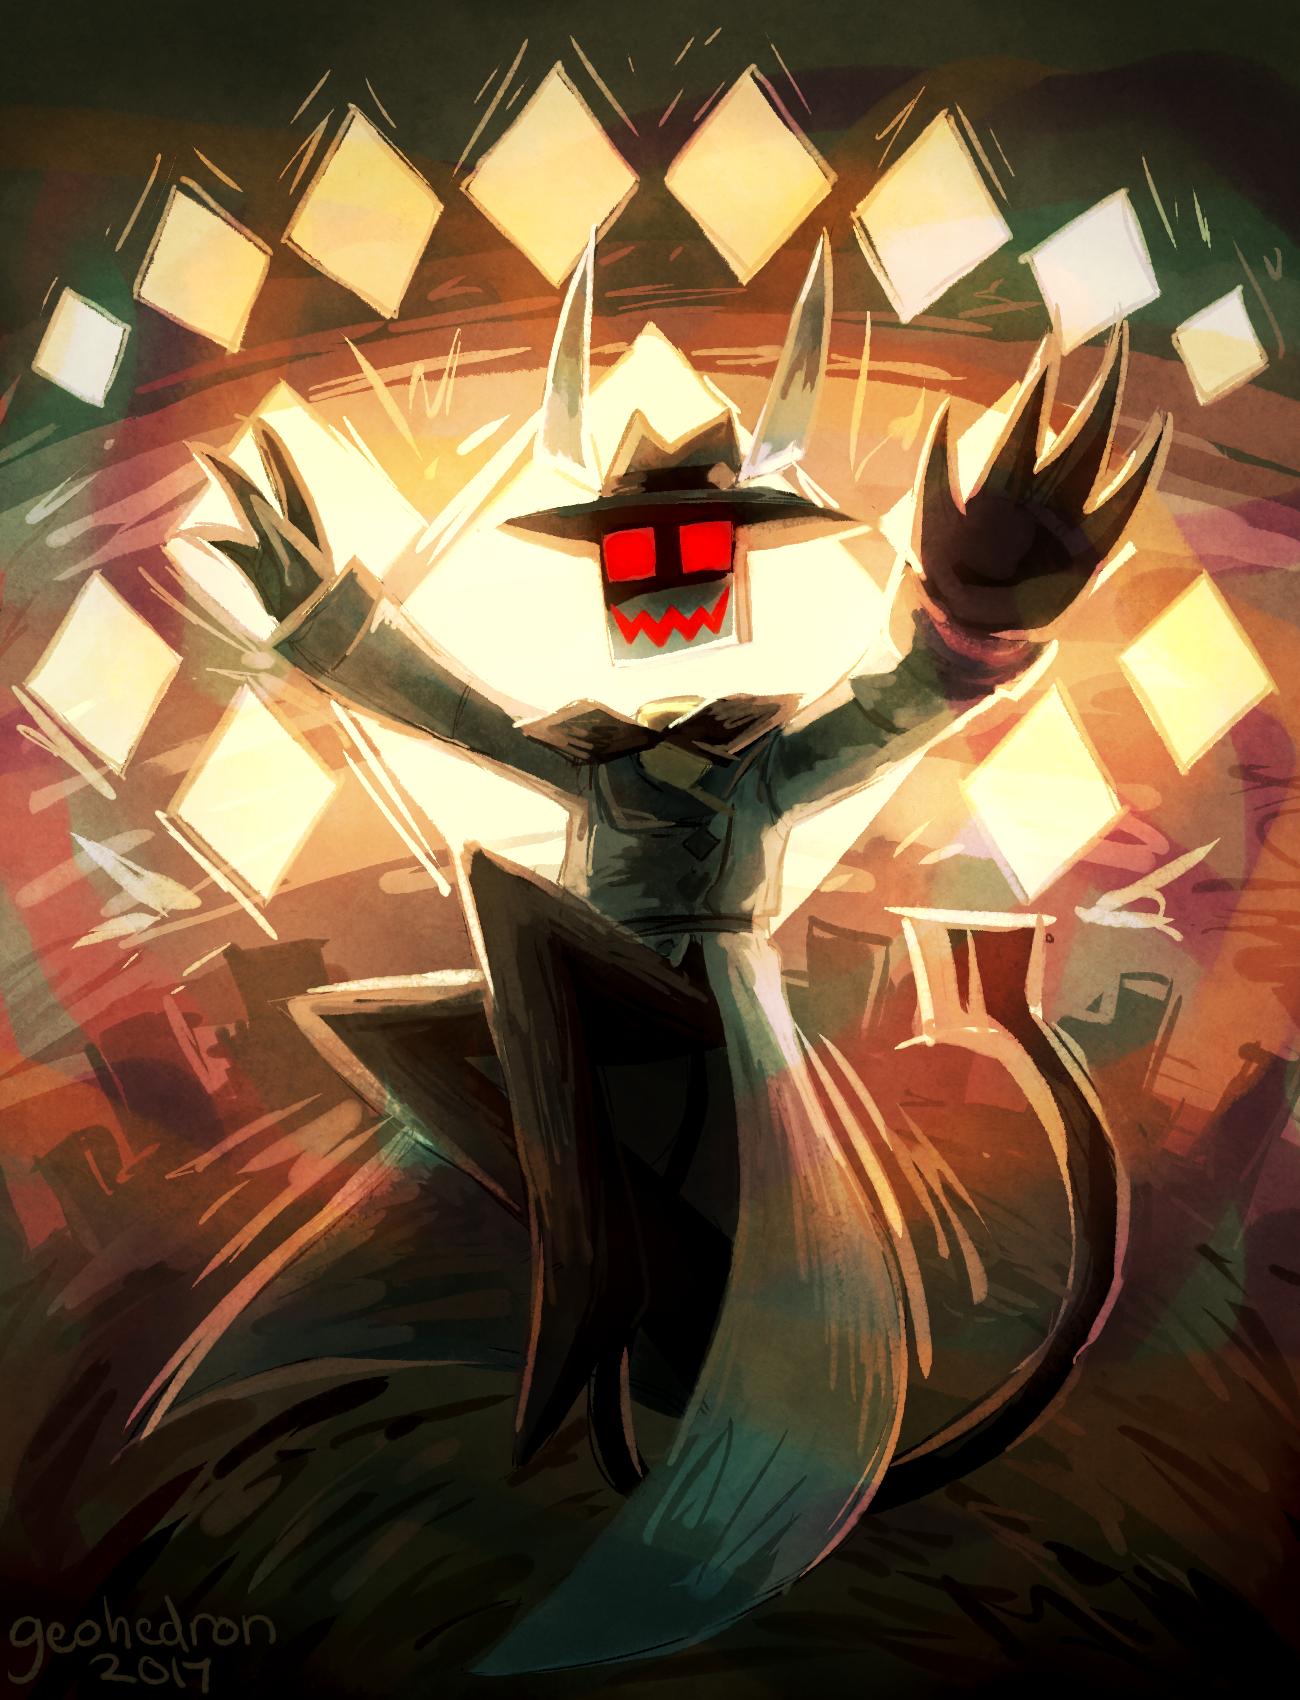 Wheeeeeee by Slitherbot